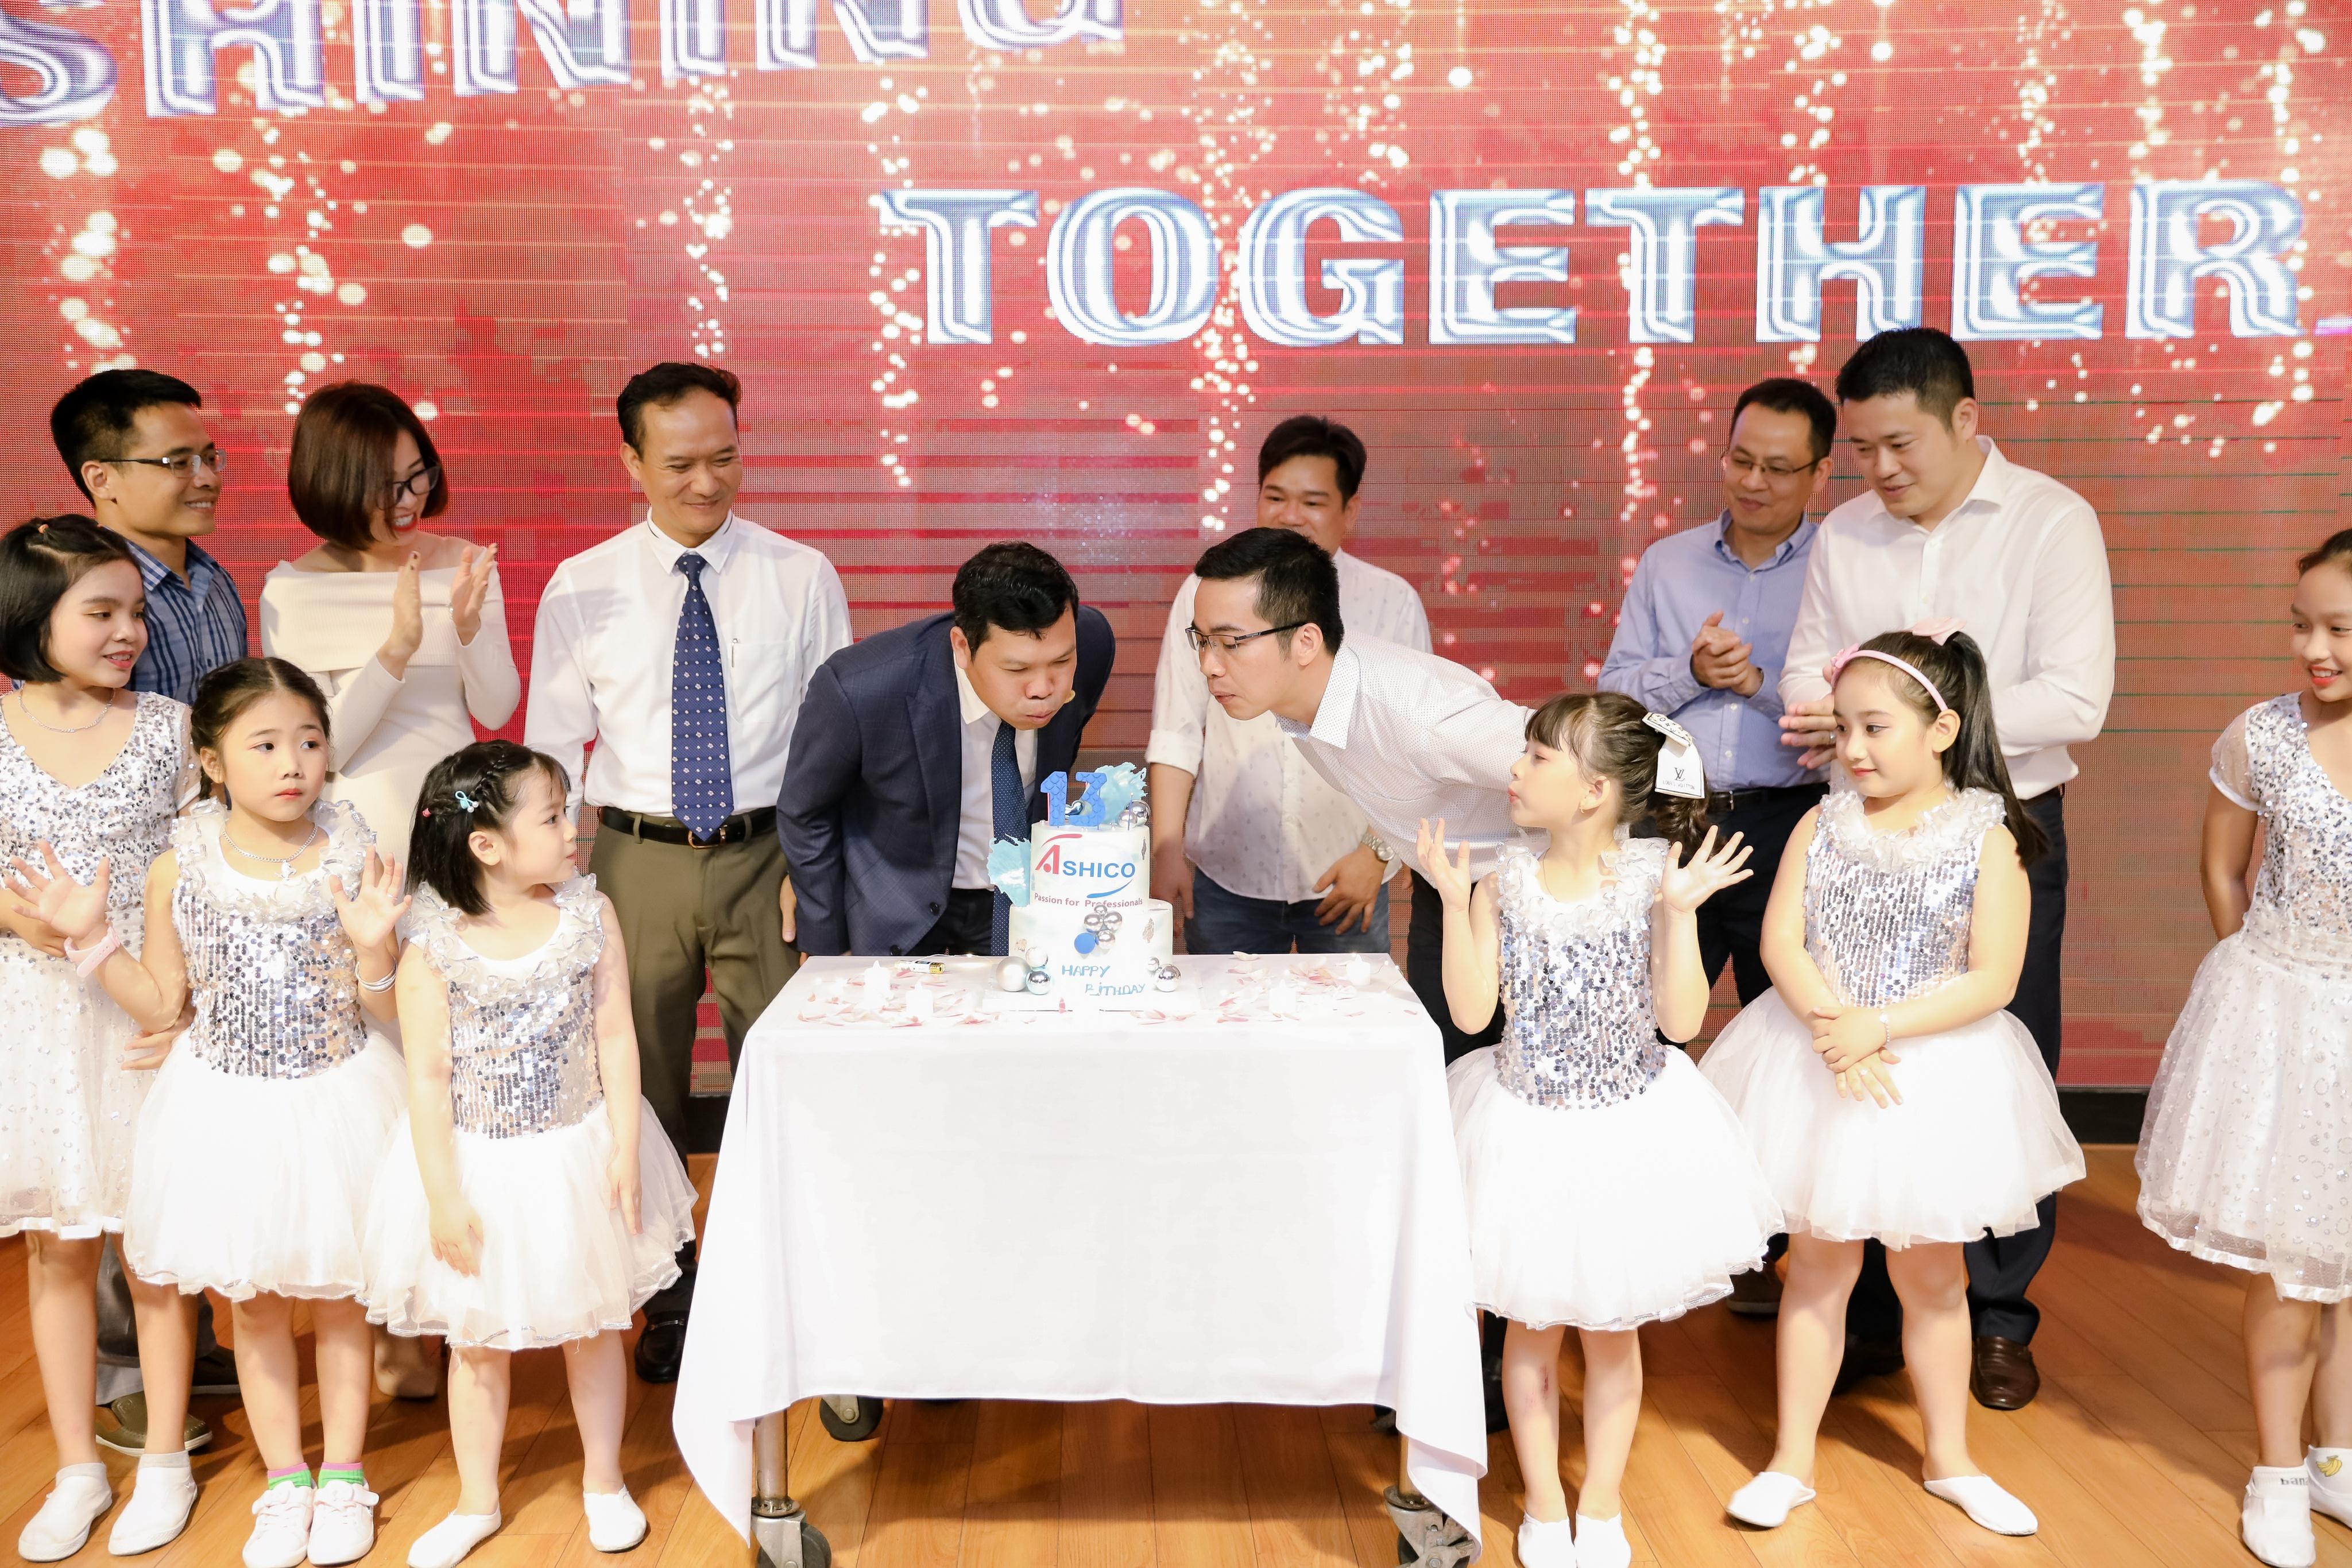 Đại diện Ban lãnh đạo, Người lao động cùng thổi nến chúc mừng Sinh nhật Công ty